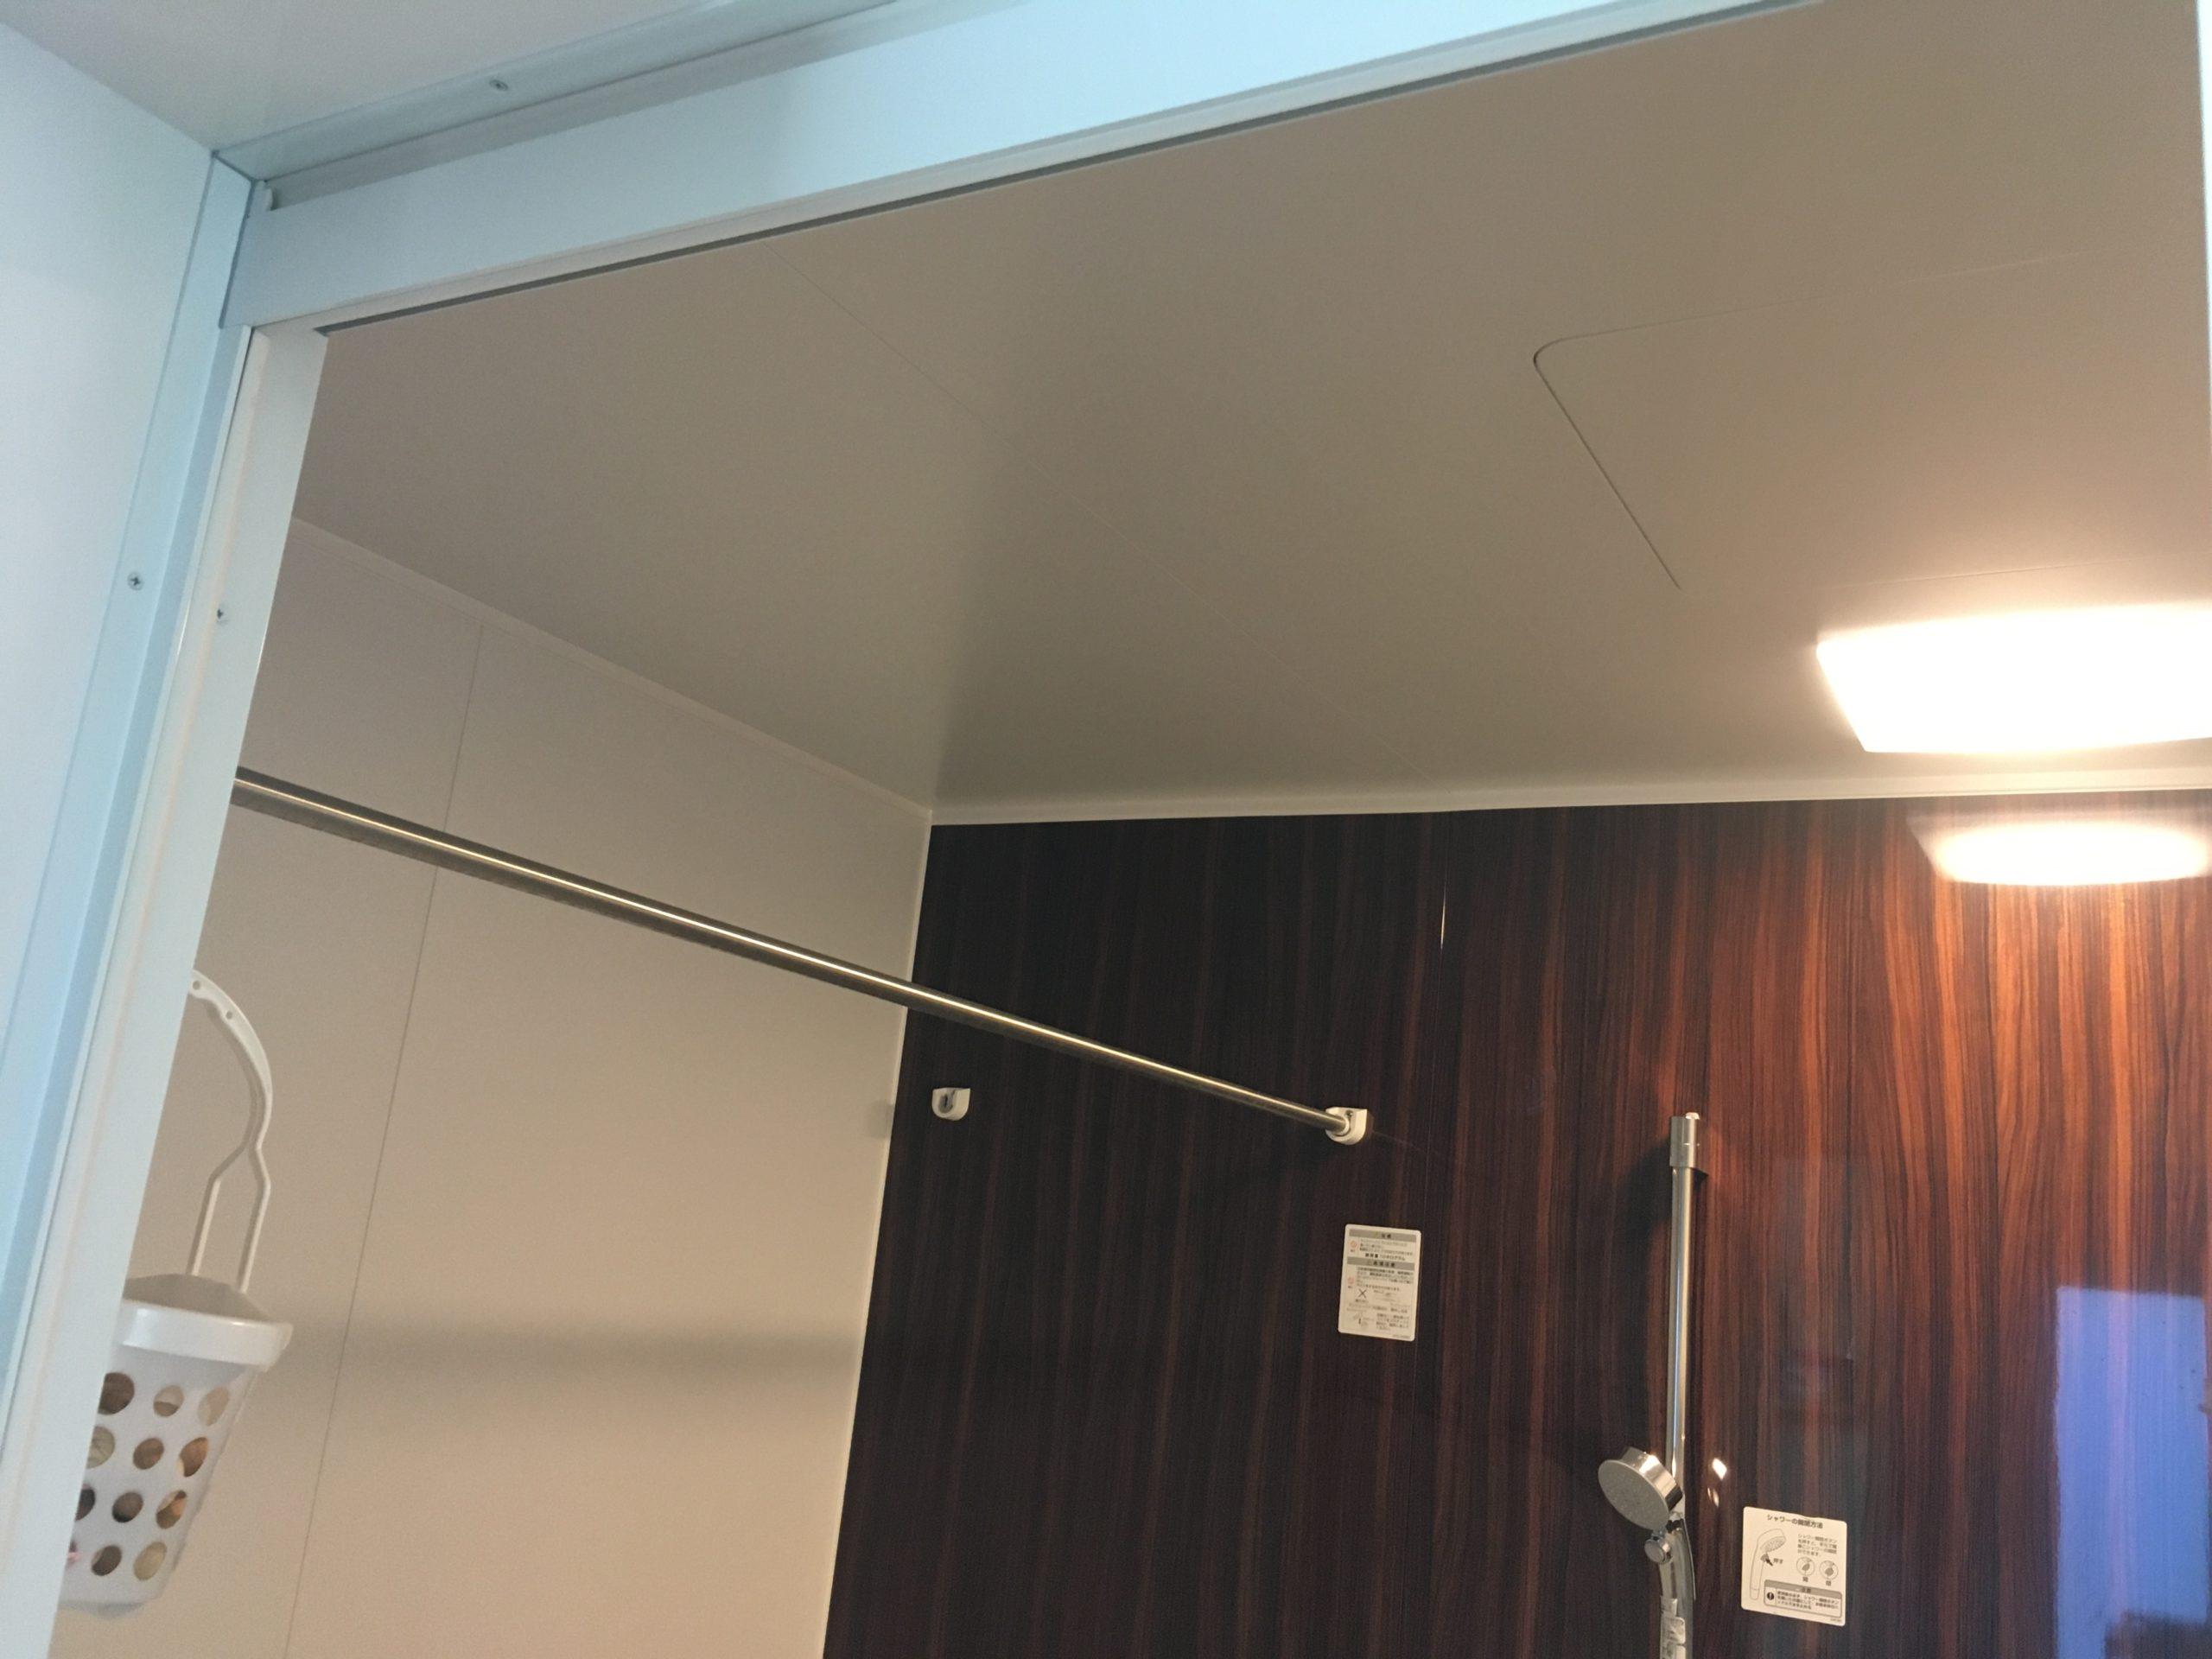 浴室排気換気扇はいらない